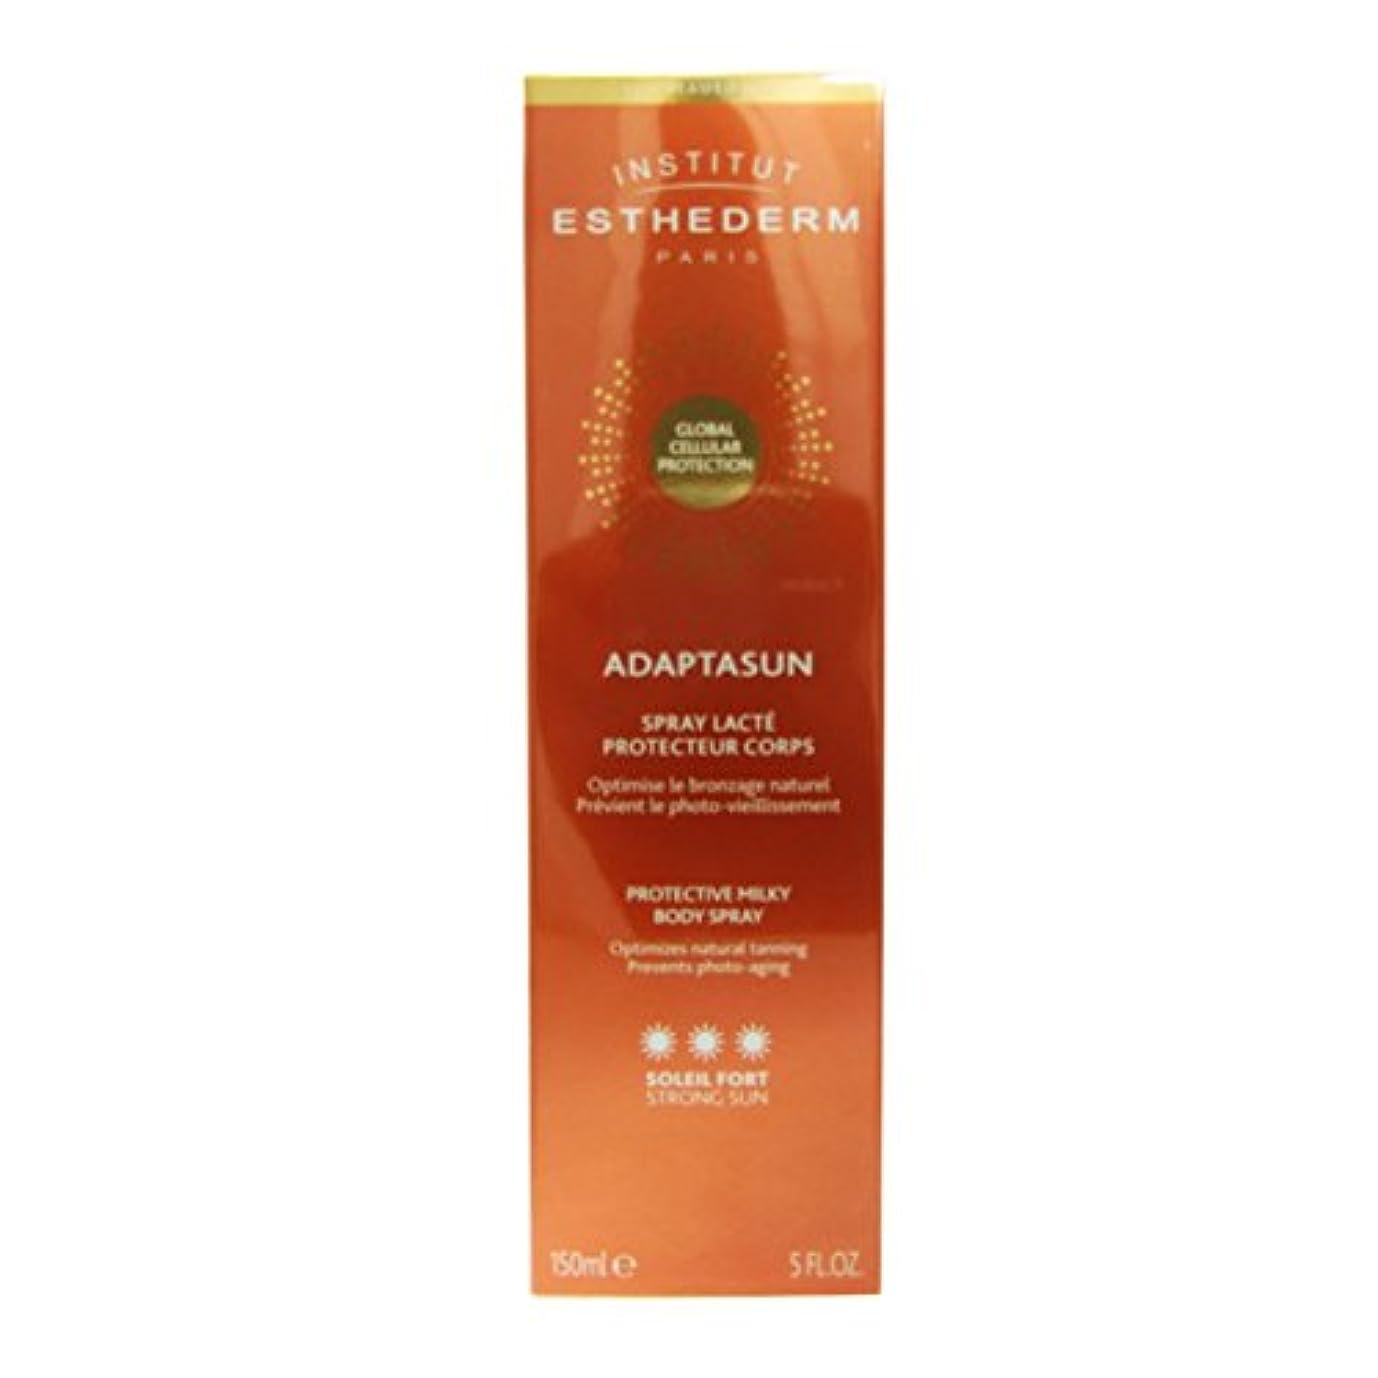 スリット亜熱帯バレルInstitut Esthederm Adaptasun Protective Milky Body Spray Strong Sun 150ml [並行輸入品]